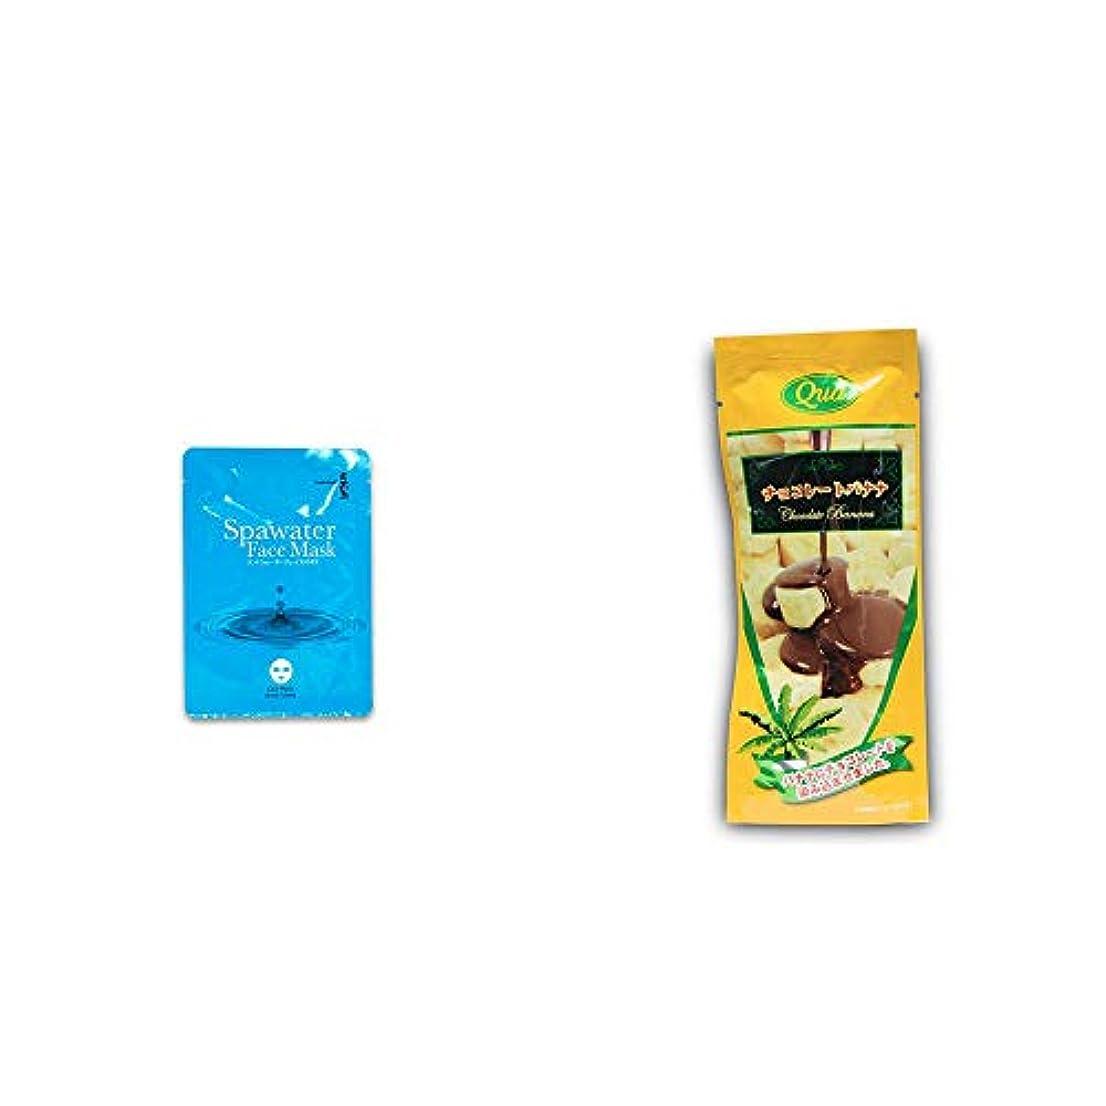 情報腐食する傷つきやすい[2点セット] ひのき炭黒泉 スパウォーターフェイスマスク(18ml×3枚入)?フリーズドライ チョコレートバナナ(50g)